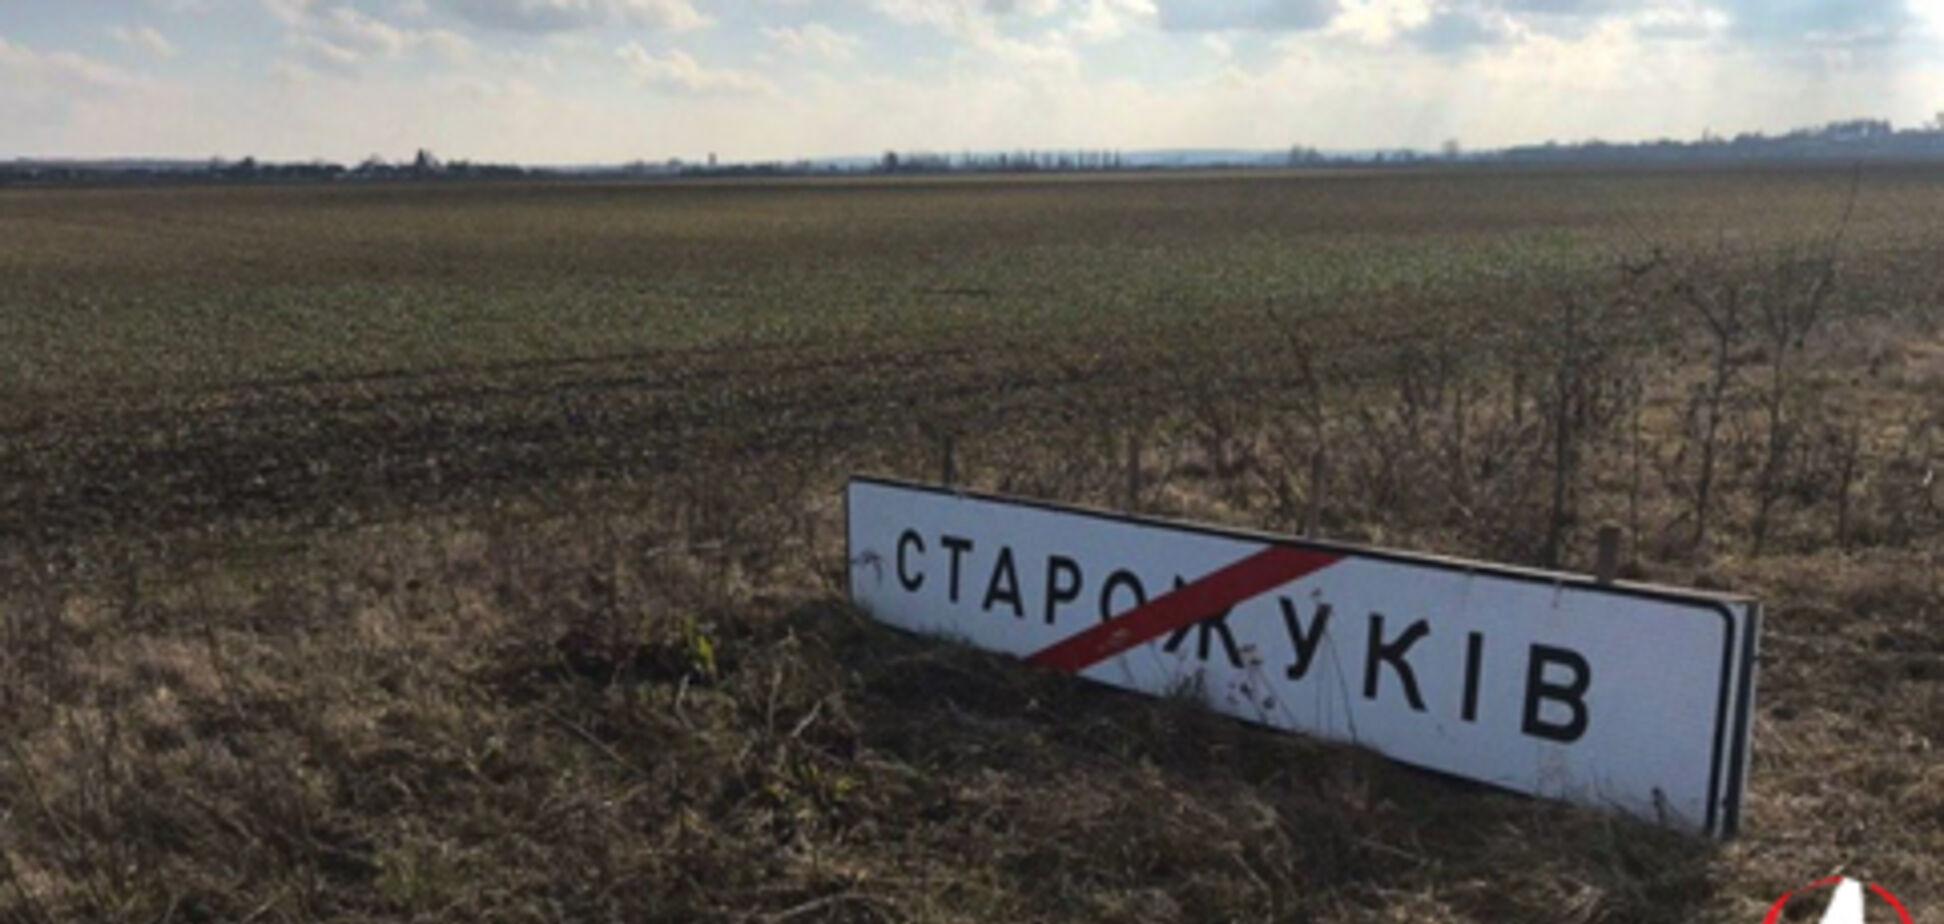 На Рівненщині псевдофірма привласнила 100 га землі АТОвців: деталі скандалу